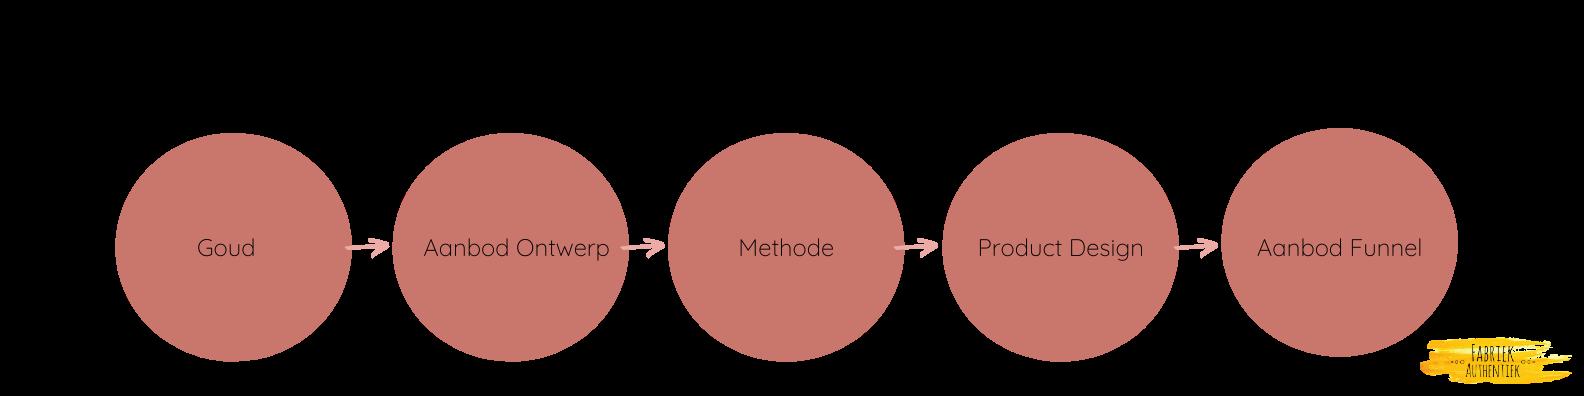 Opschaal methode